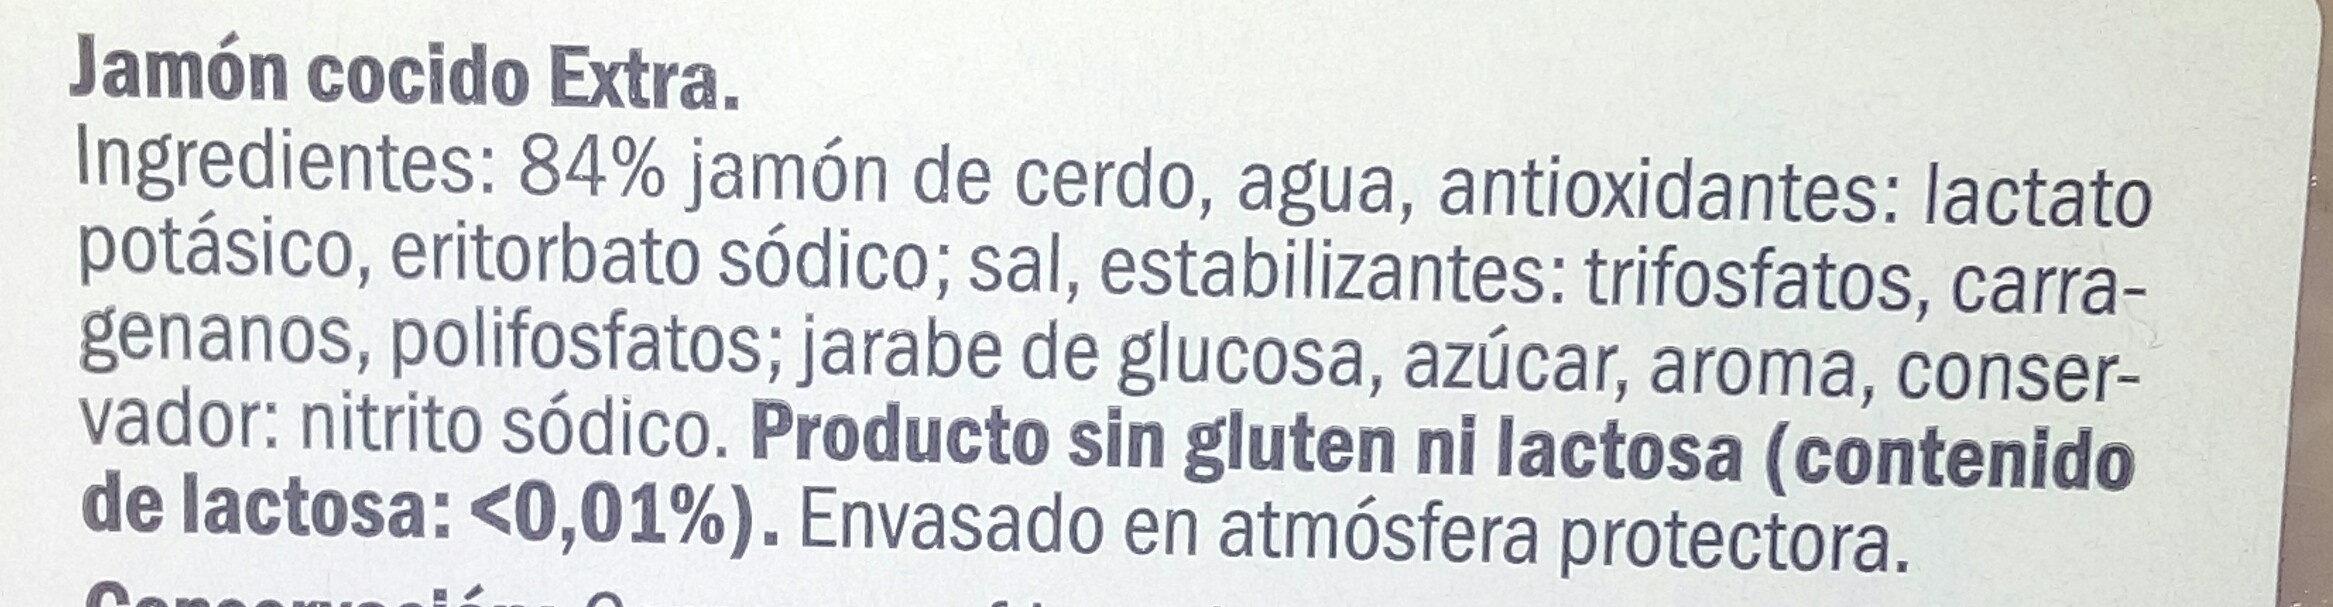 Jamón cocido - Ingredientes - es